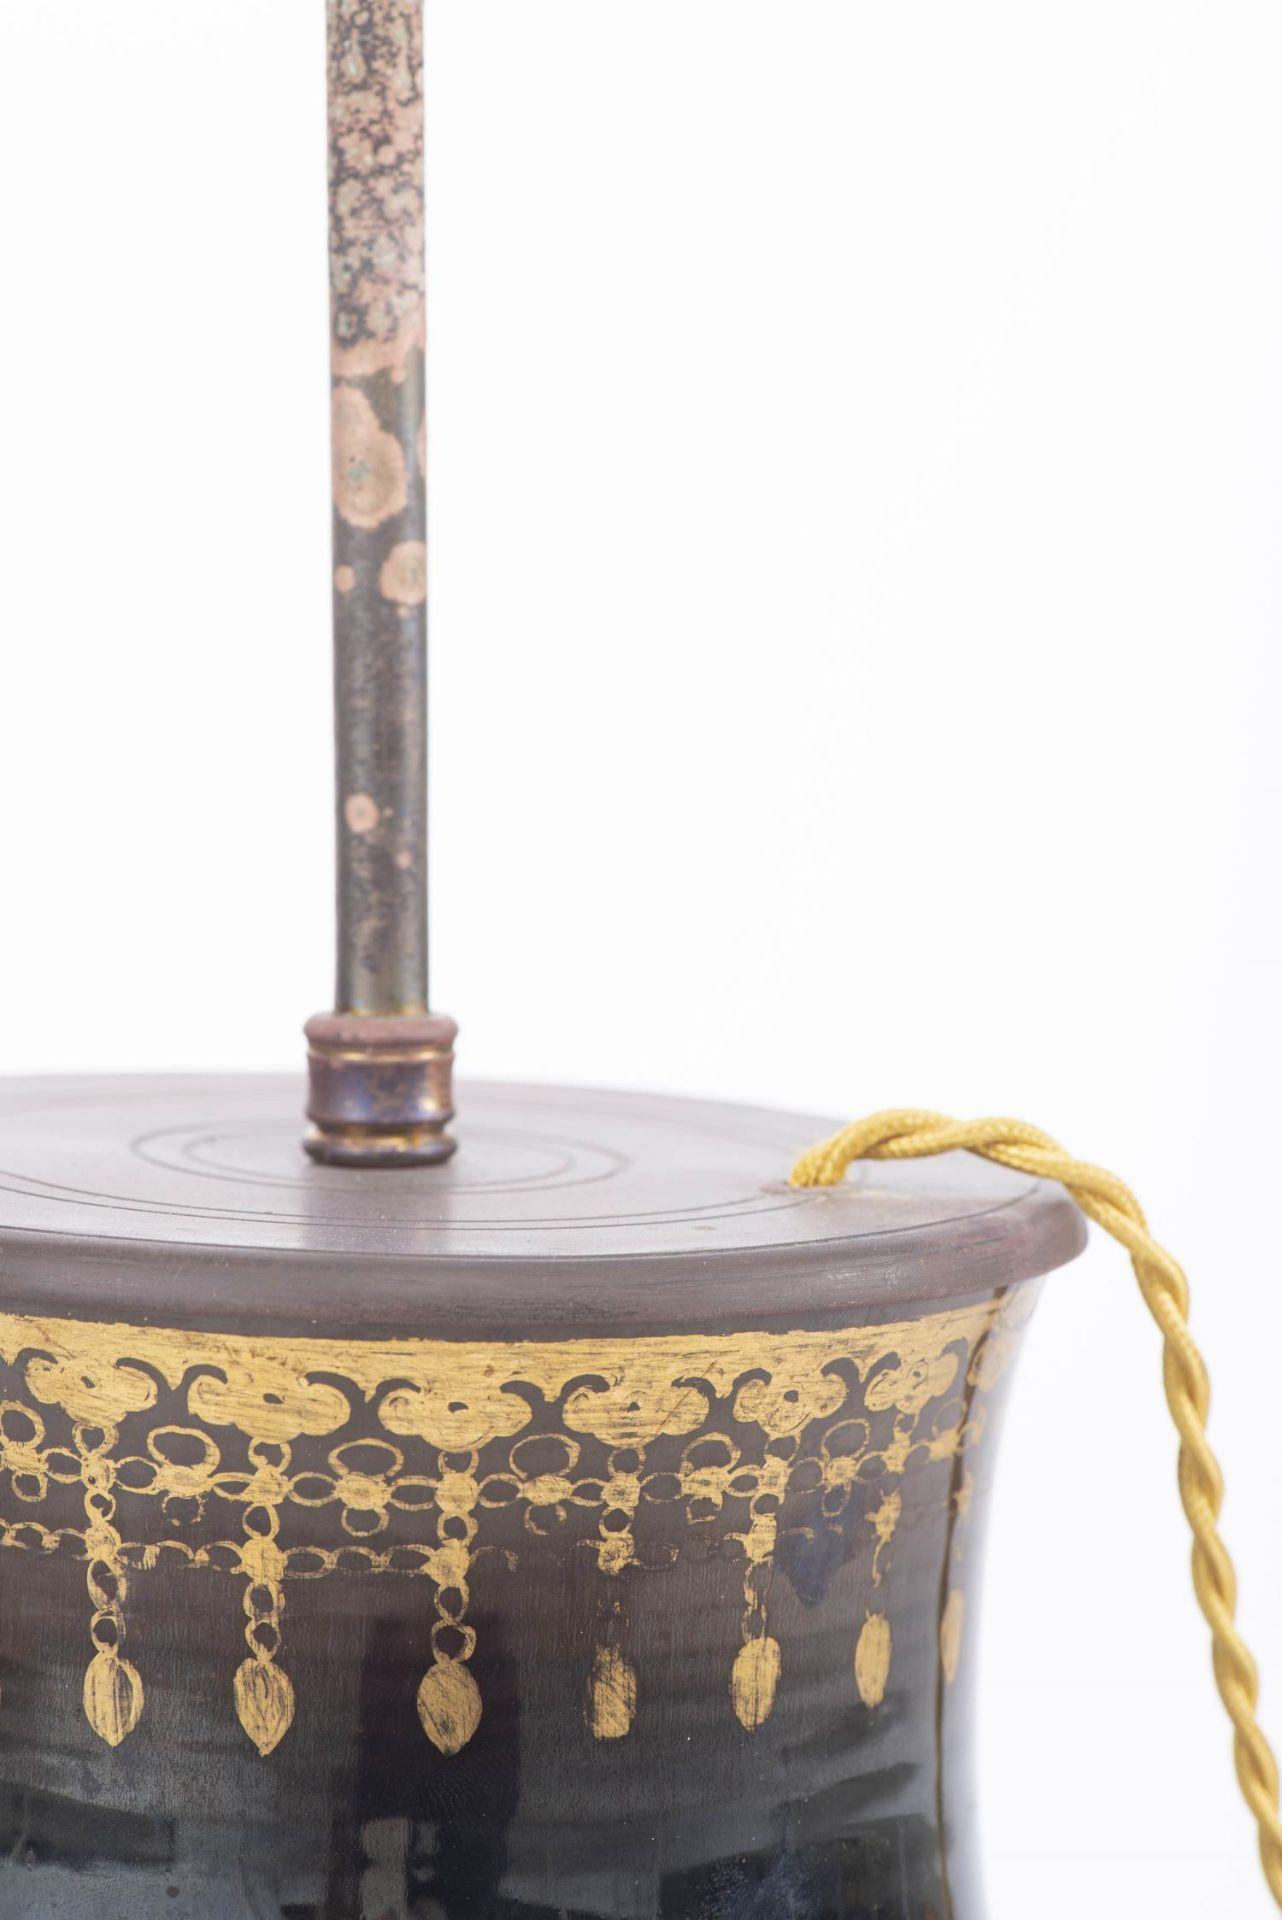 Lampe de table à pied en porcelaine de Chine - Image 12 of 20